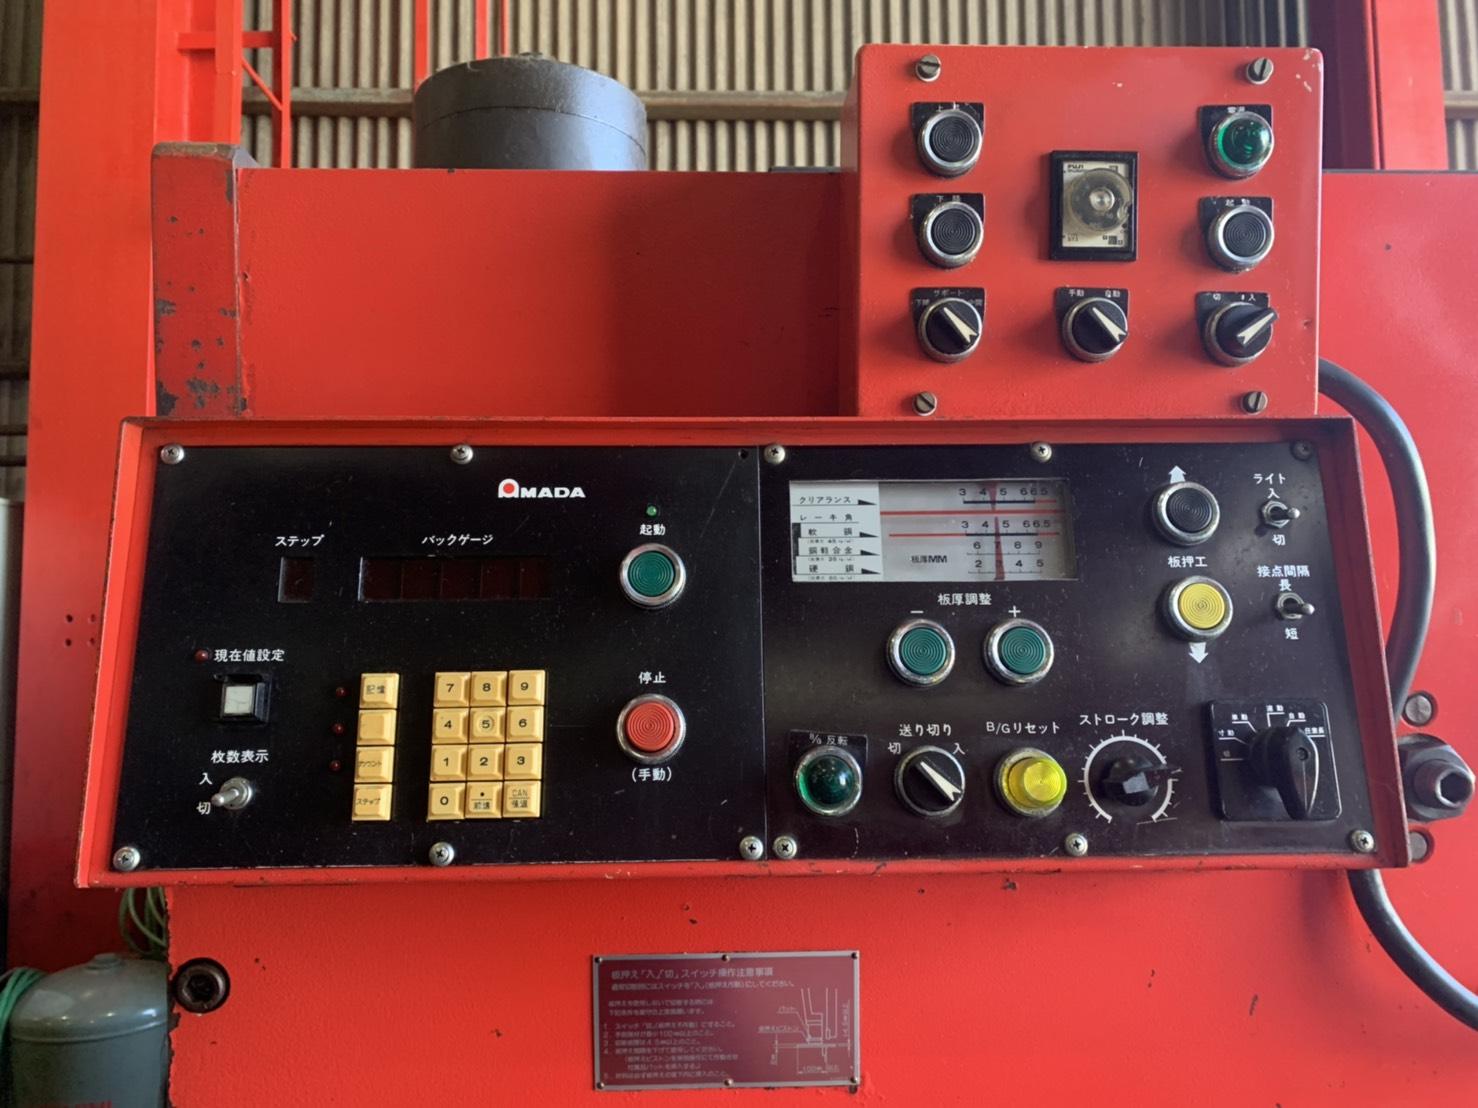 アマダ_H-4065_油圧シャーリング